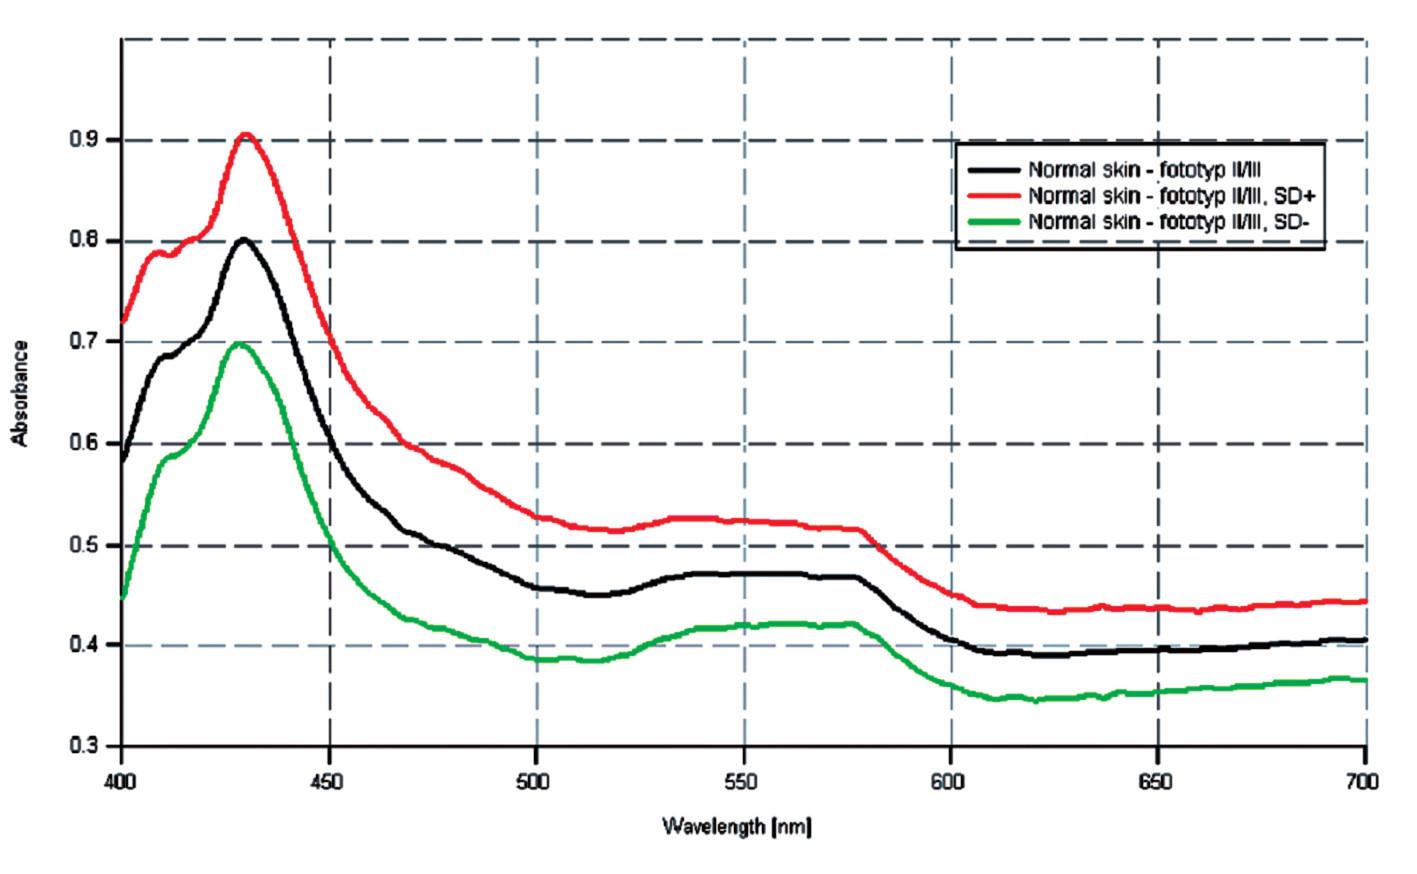 Priemer spektrálnych kriviek zdravej kože u skupiny pacientov s fototypom II/III a ich smerodajné odchýlky.